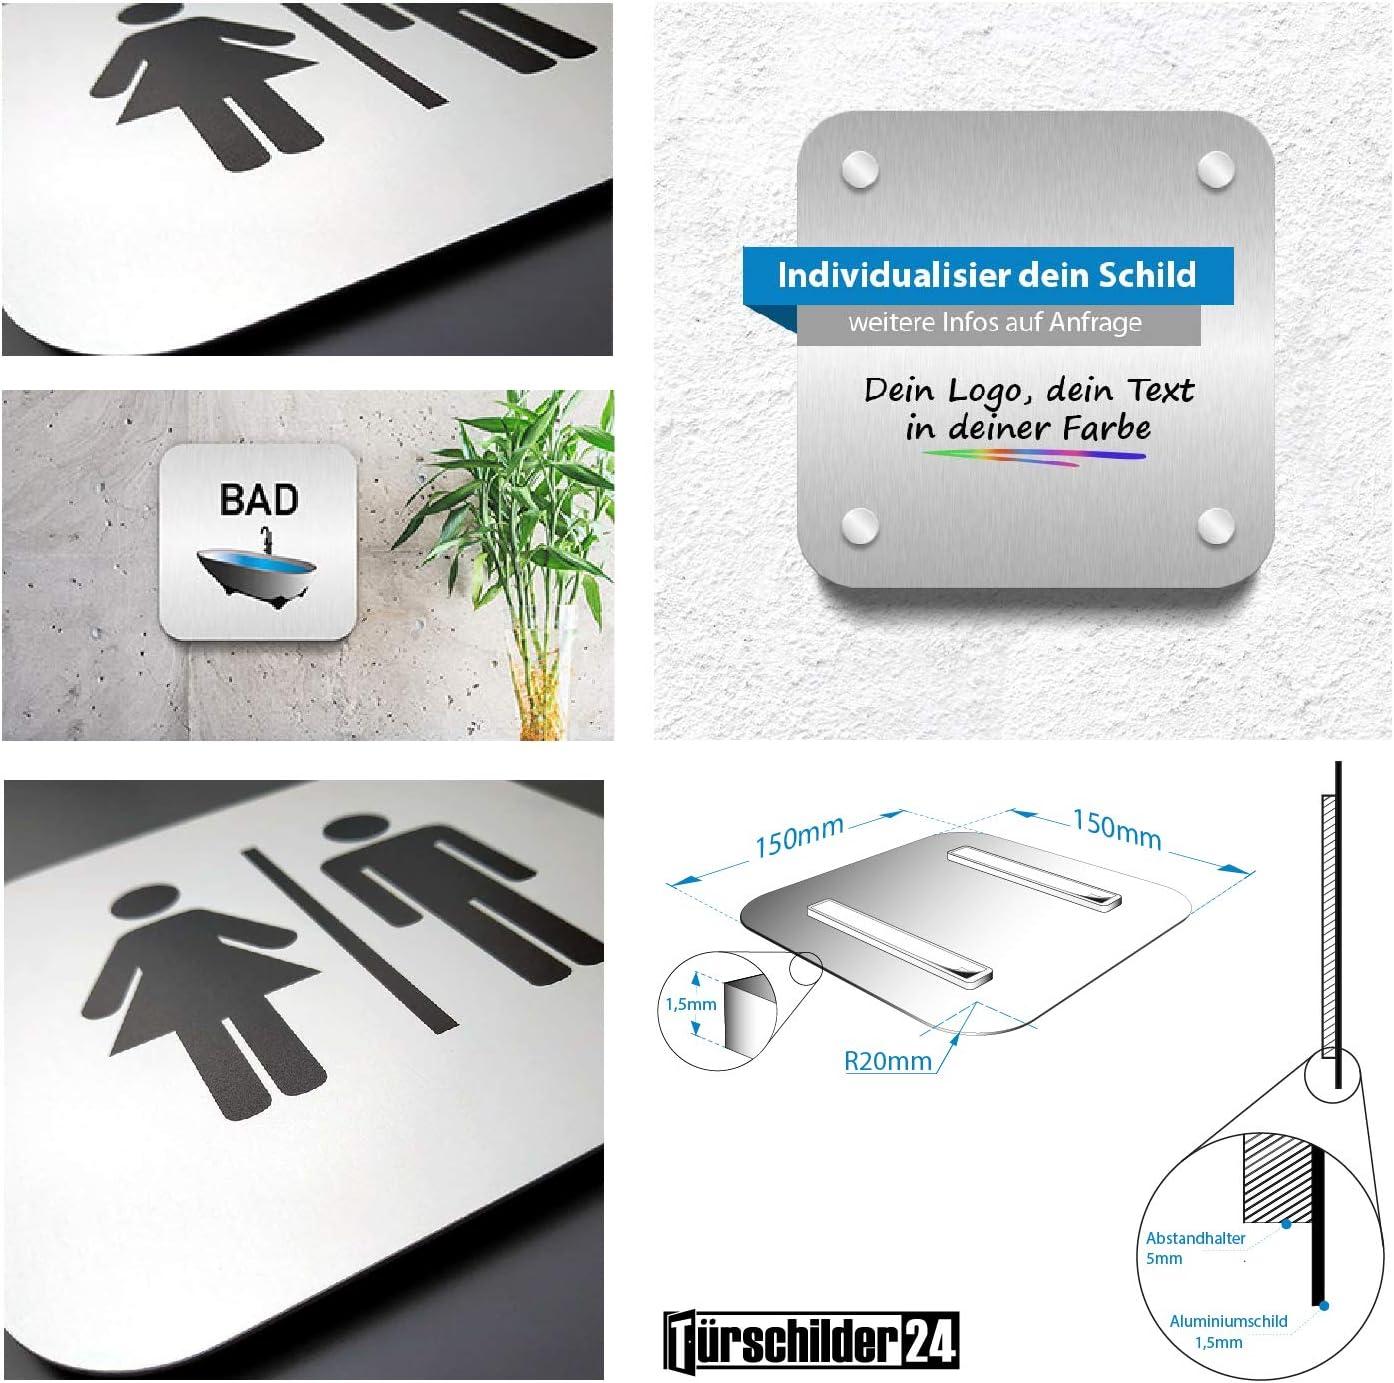 /• G/äste WC /• In der Gr/ö/ße 150 x 150mm /• Besonderheit unsichtbare 5mm Abstandhalter verleihen dem T/ürschild einen exklusiven schwebe Effekt WC Toiletten T/ürschilder der Extraklasse Aluminium